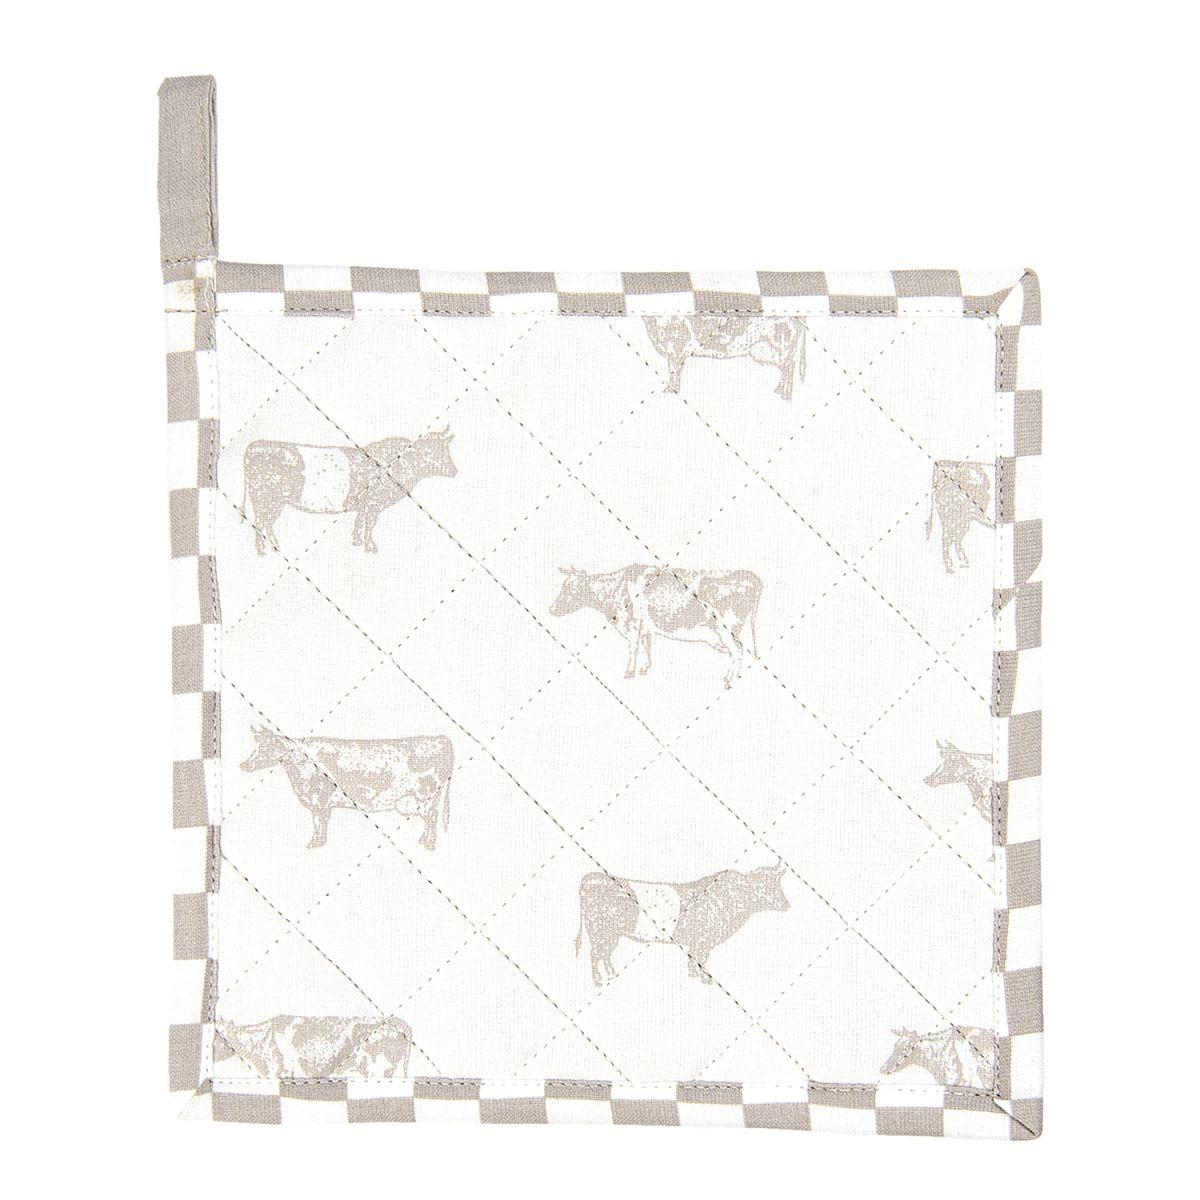 Podložka pod hrnec nebo chňapka LIFE WITH COWS 20*20 cm